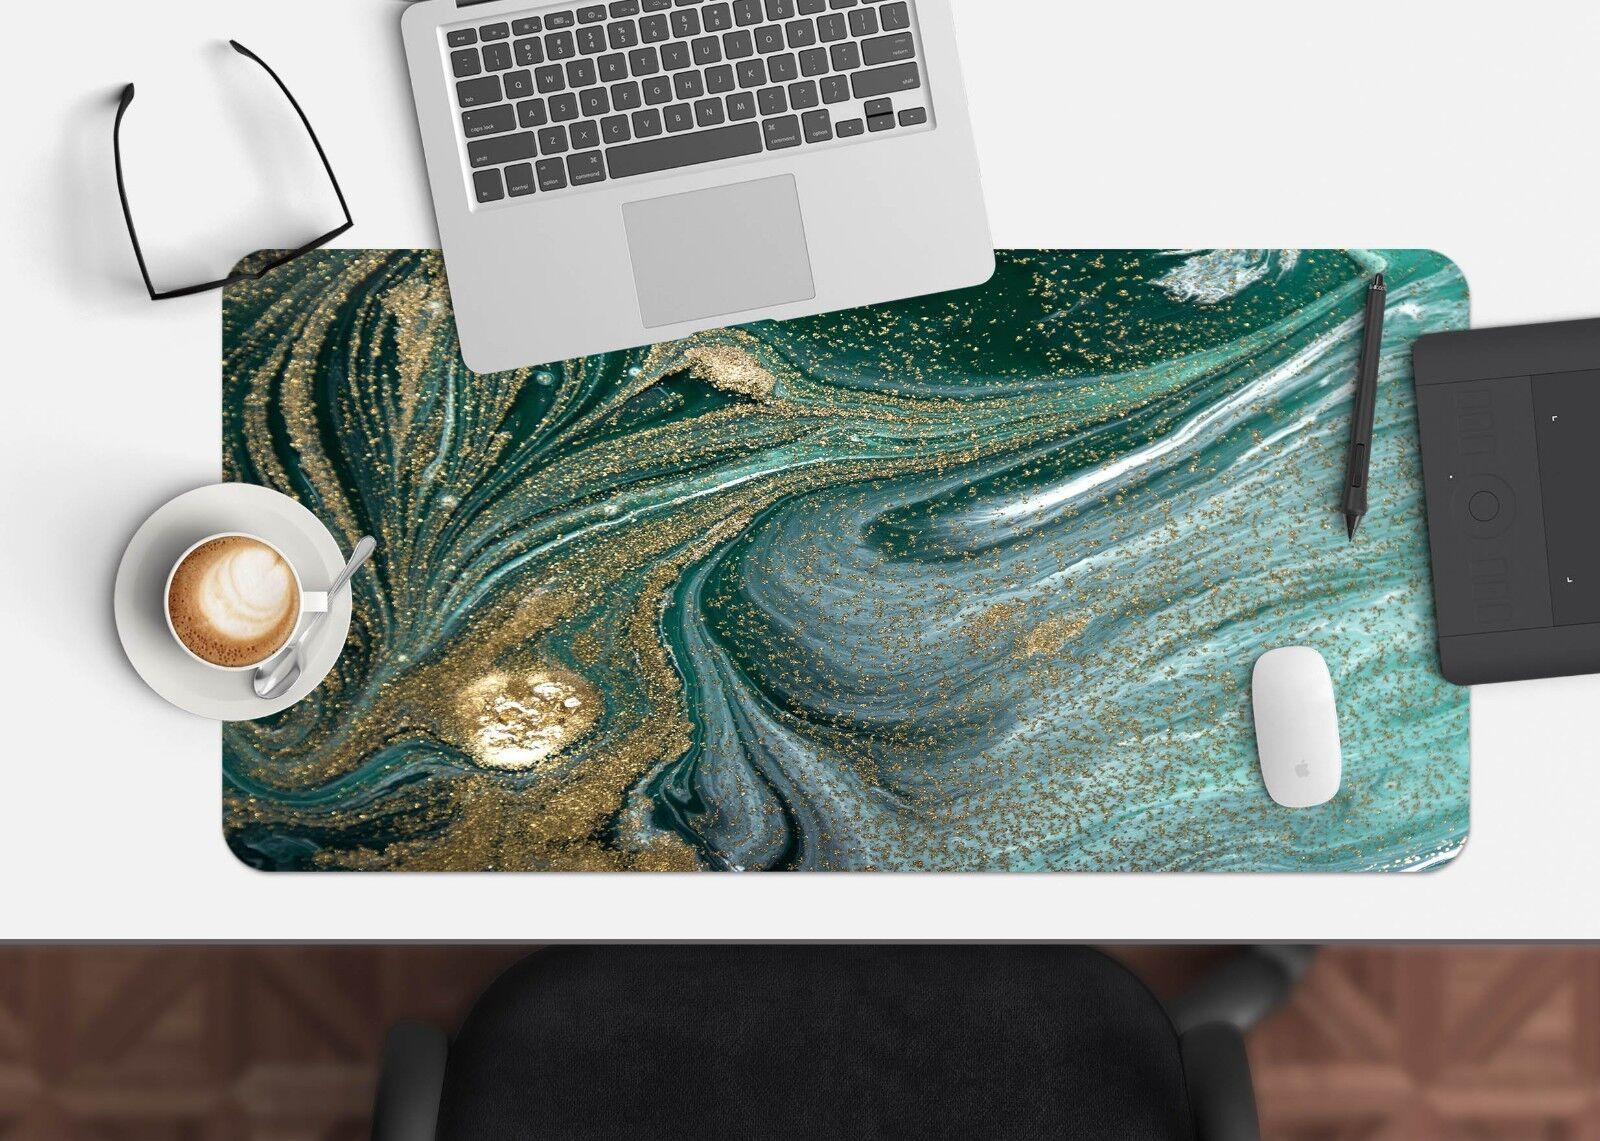 3D Sternenlicht Universum 8 Textur Rutschfest Büro Schreibtisch Mauspad Spiel